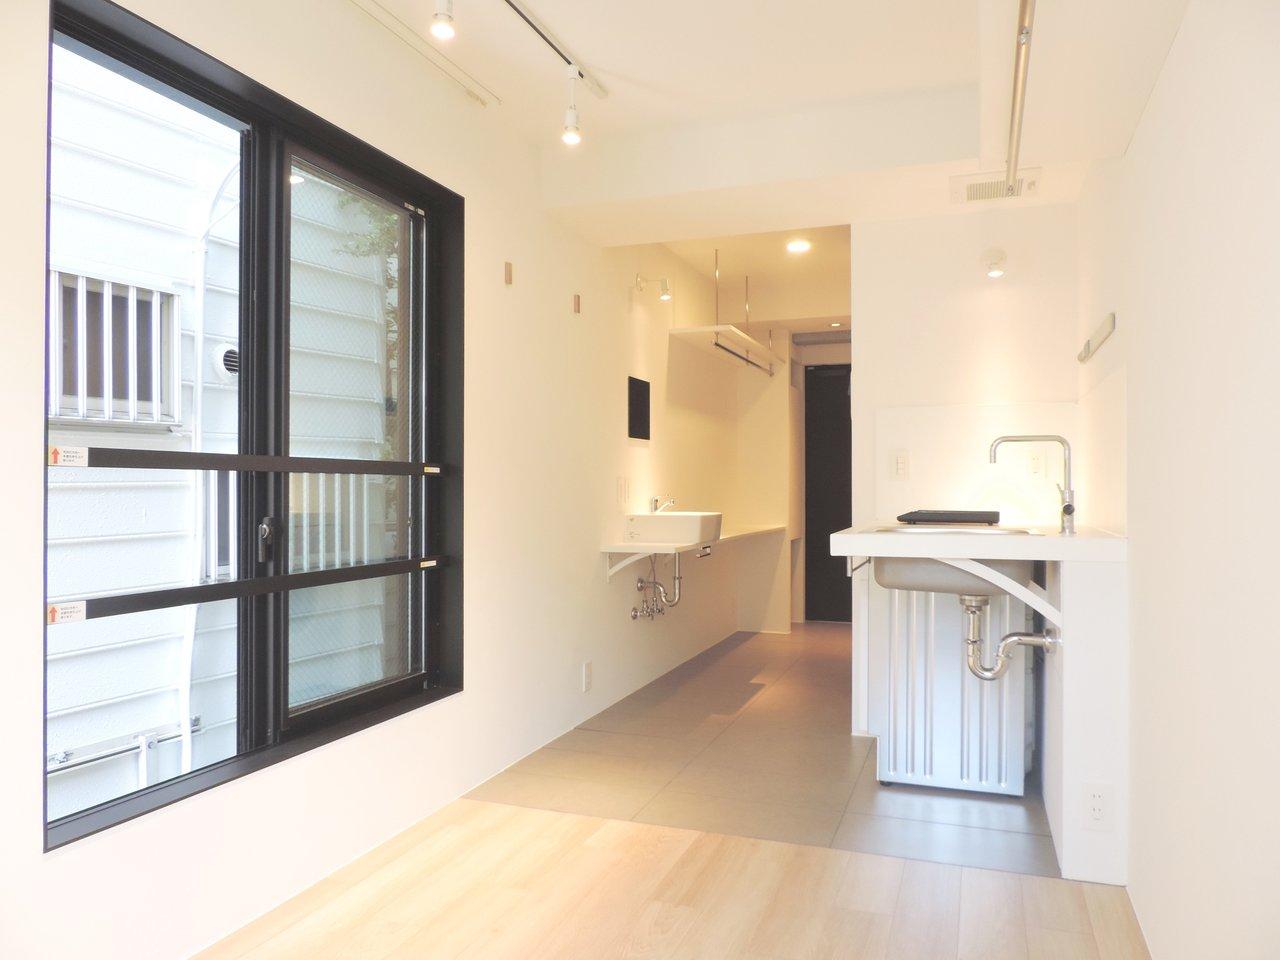 外観からこだわったデザイナーズ・マンションです。約16㎡とお部屋はコンパクトですが、細かい工夫が施されていて、なかなか暮らしやすそうですよ。